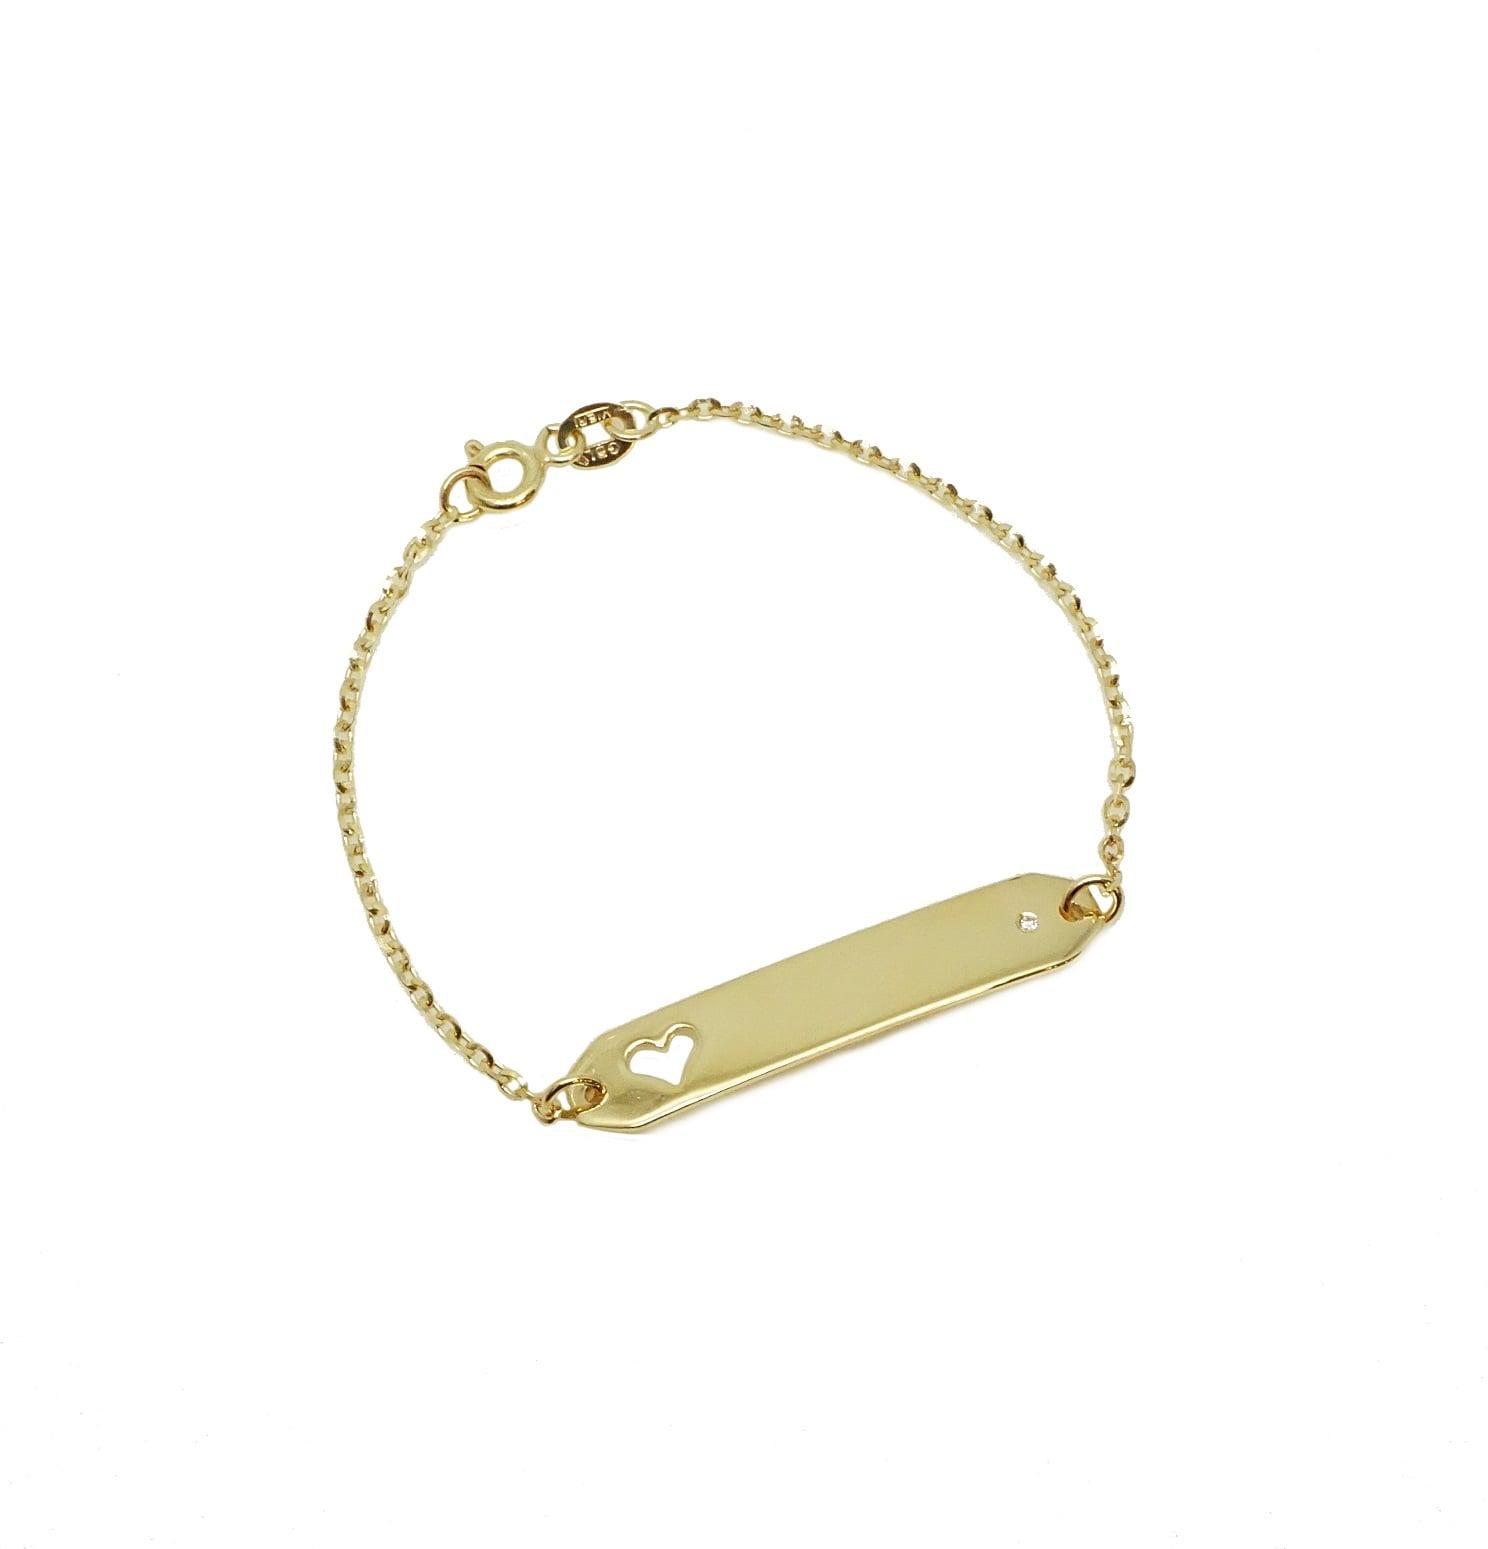 צמיד זהב גדול חריטה עם יהלום